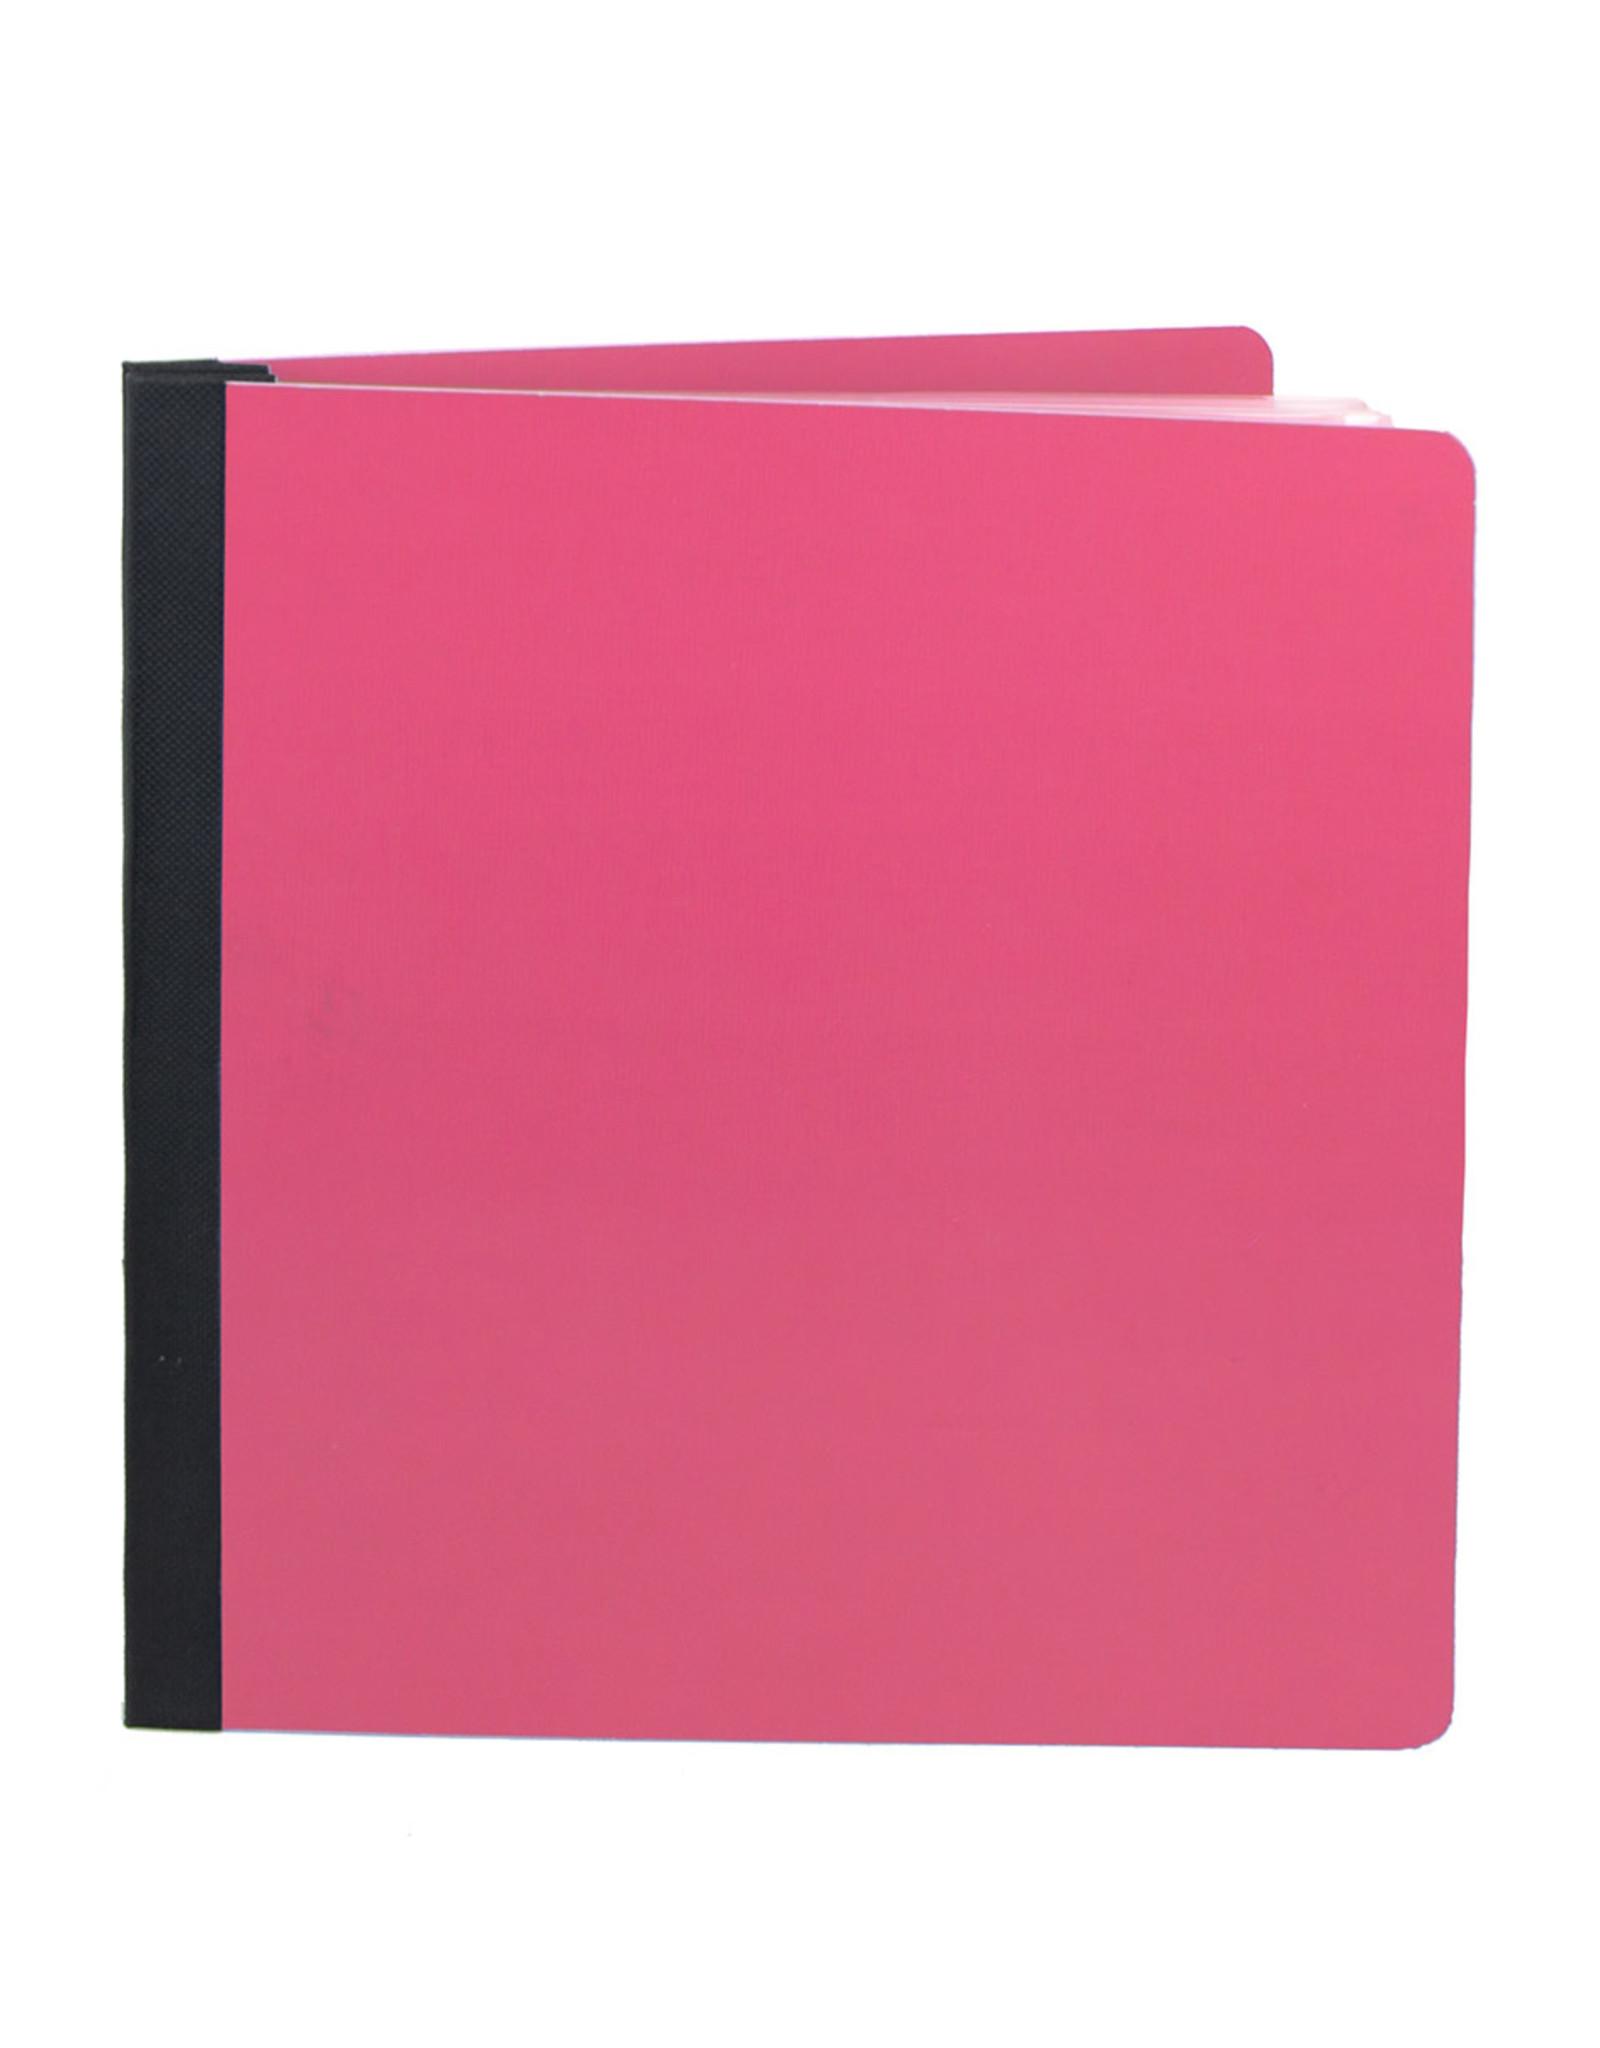 Simple Stories 6x8 SN@P! Flipbook Pink